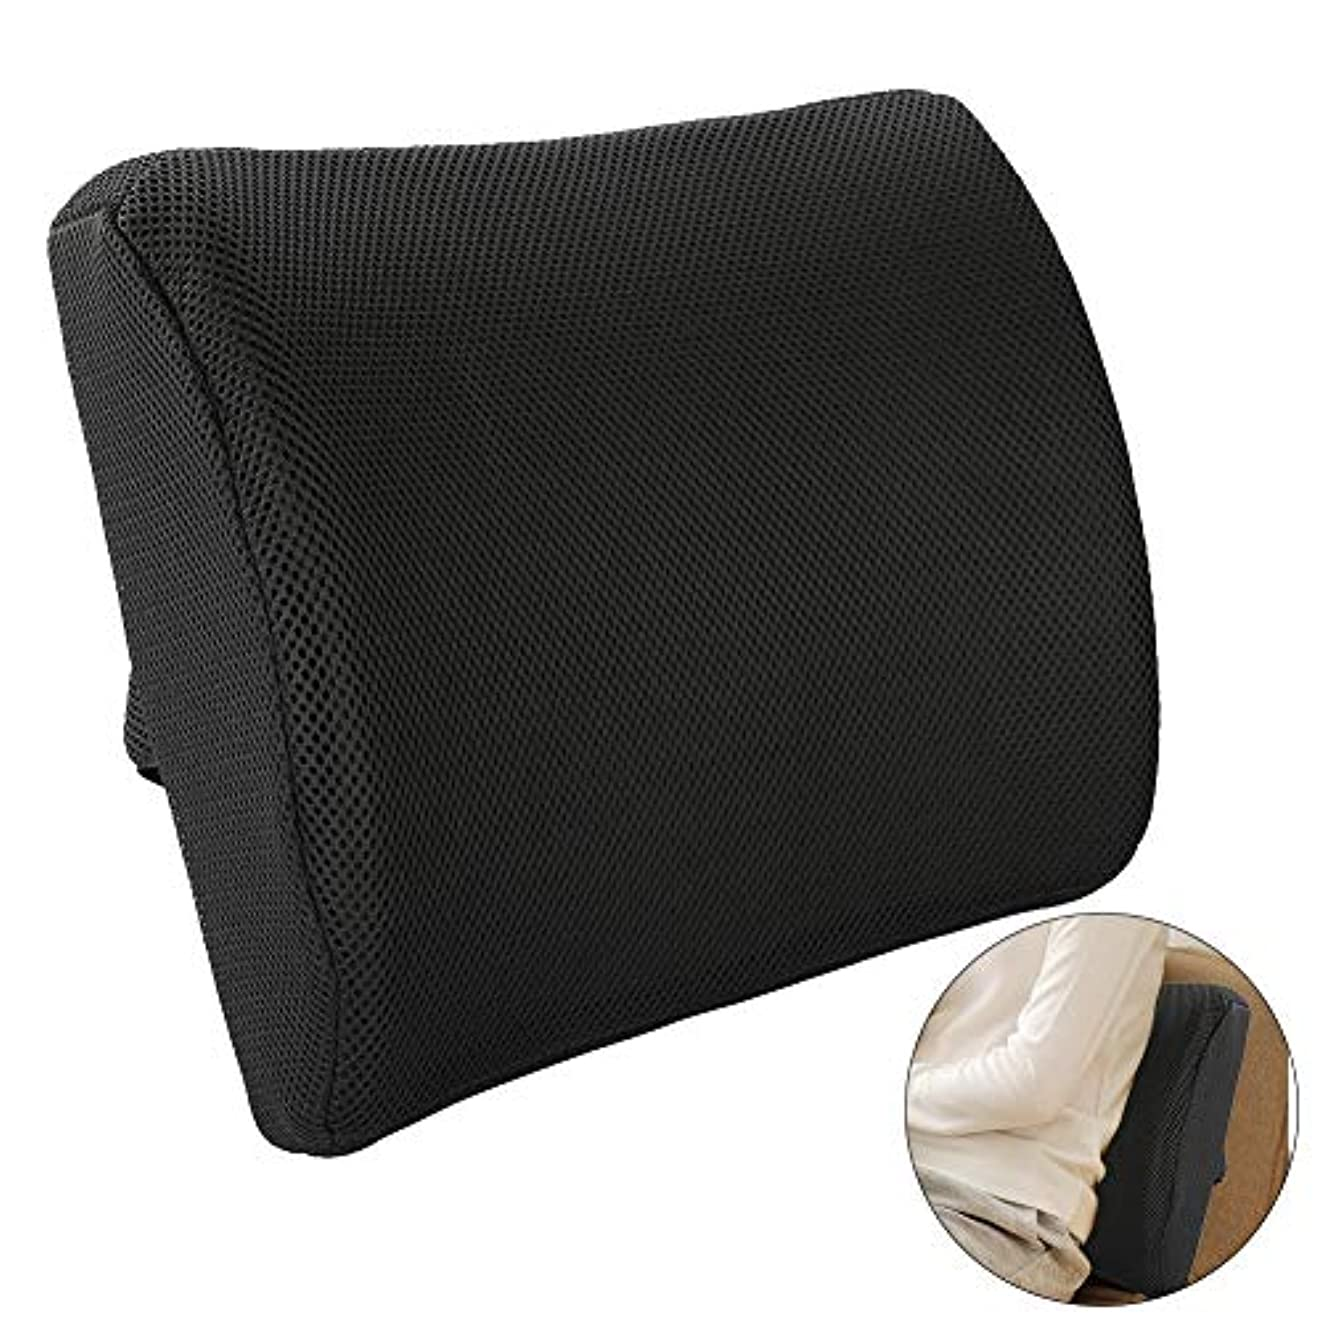 置くためにパックブランクゴネリルSemme腰椎サポートピロー低反発パッド、車、家のための背部残りのクッション、腰痛のための救済への旅行